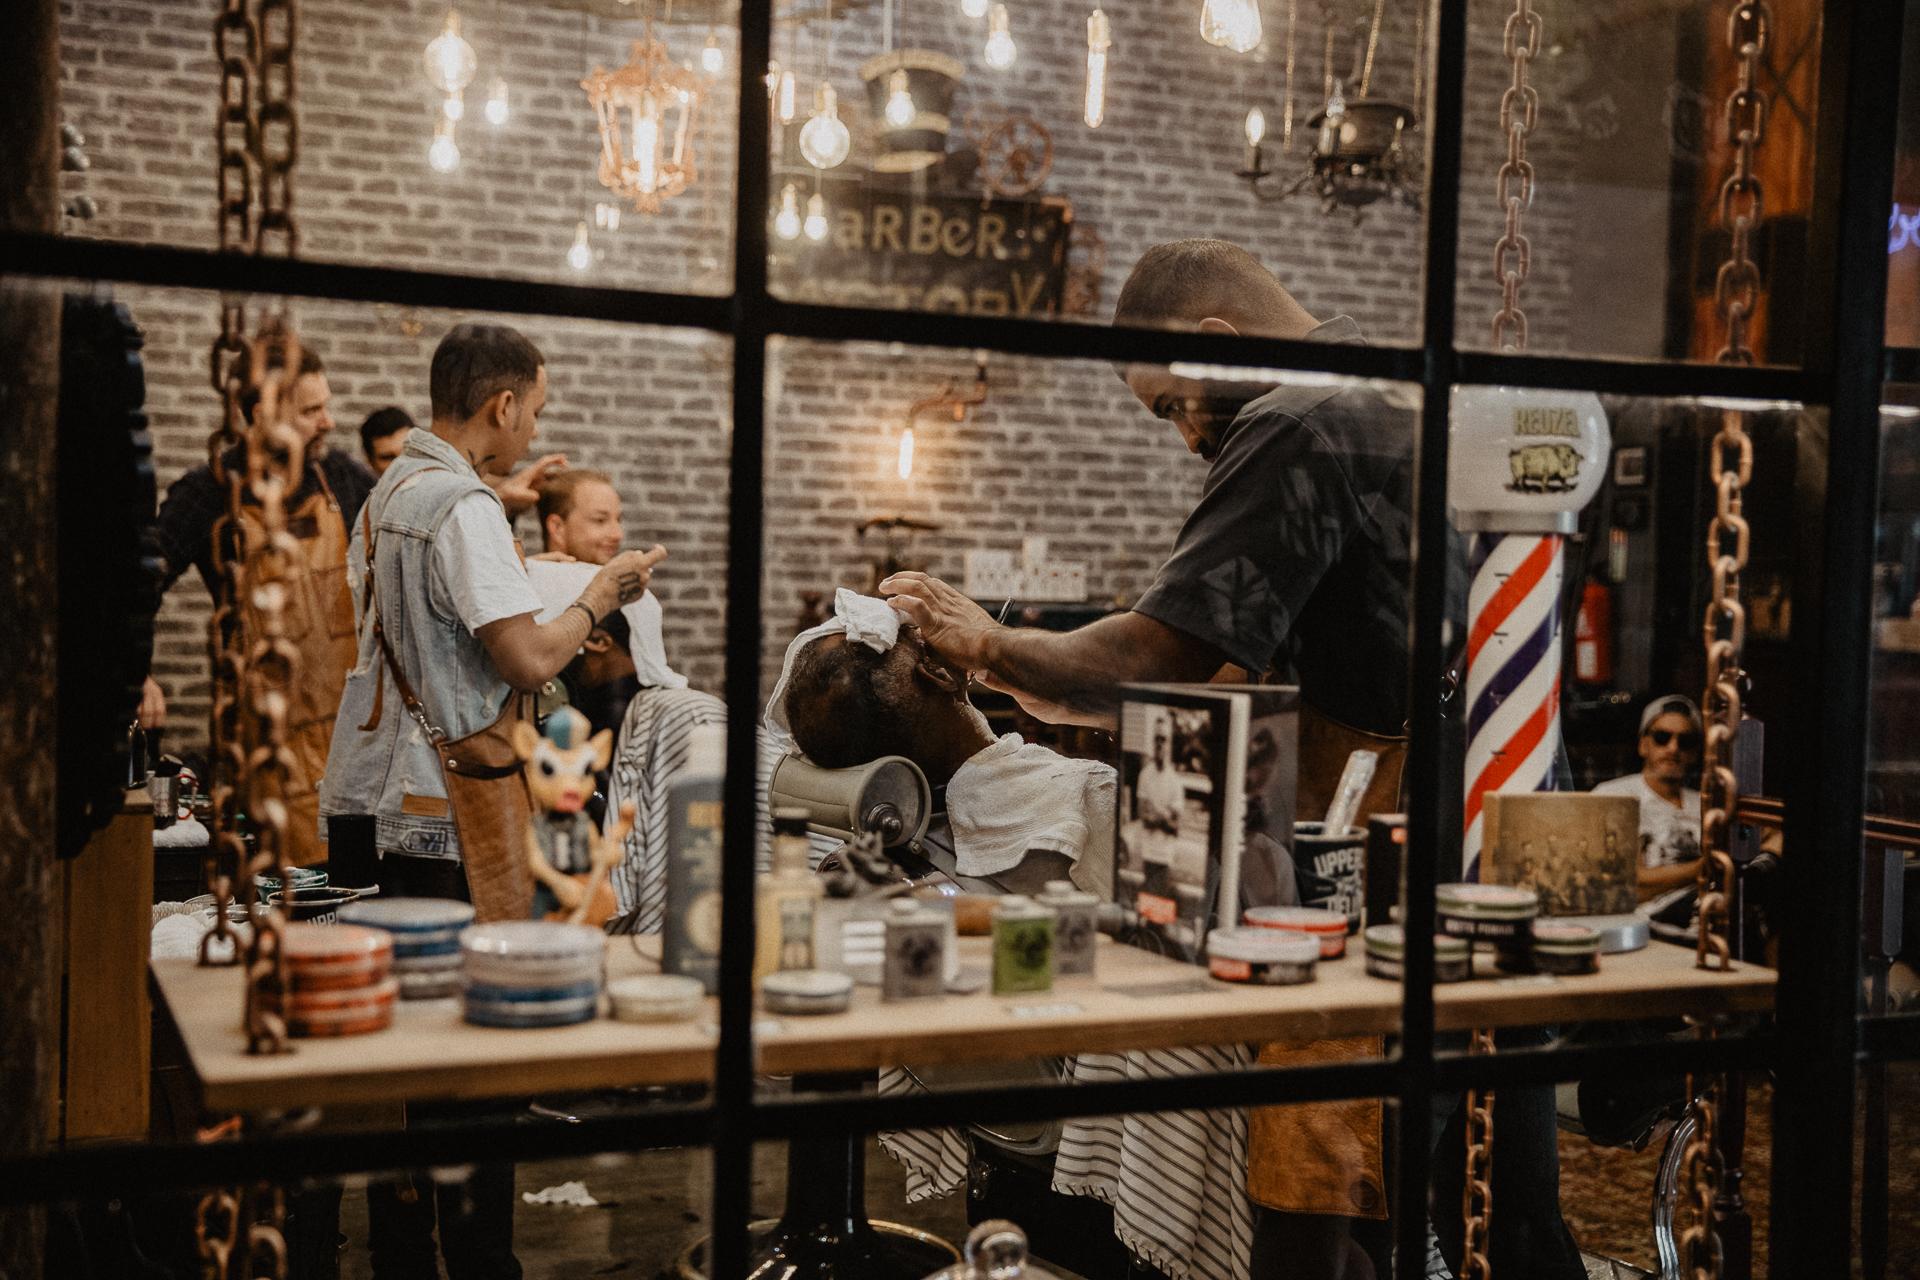 Barbershop LX Factory Sehenswürdigkeiten Highlights Lissabon